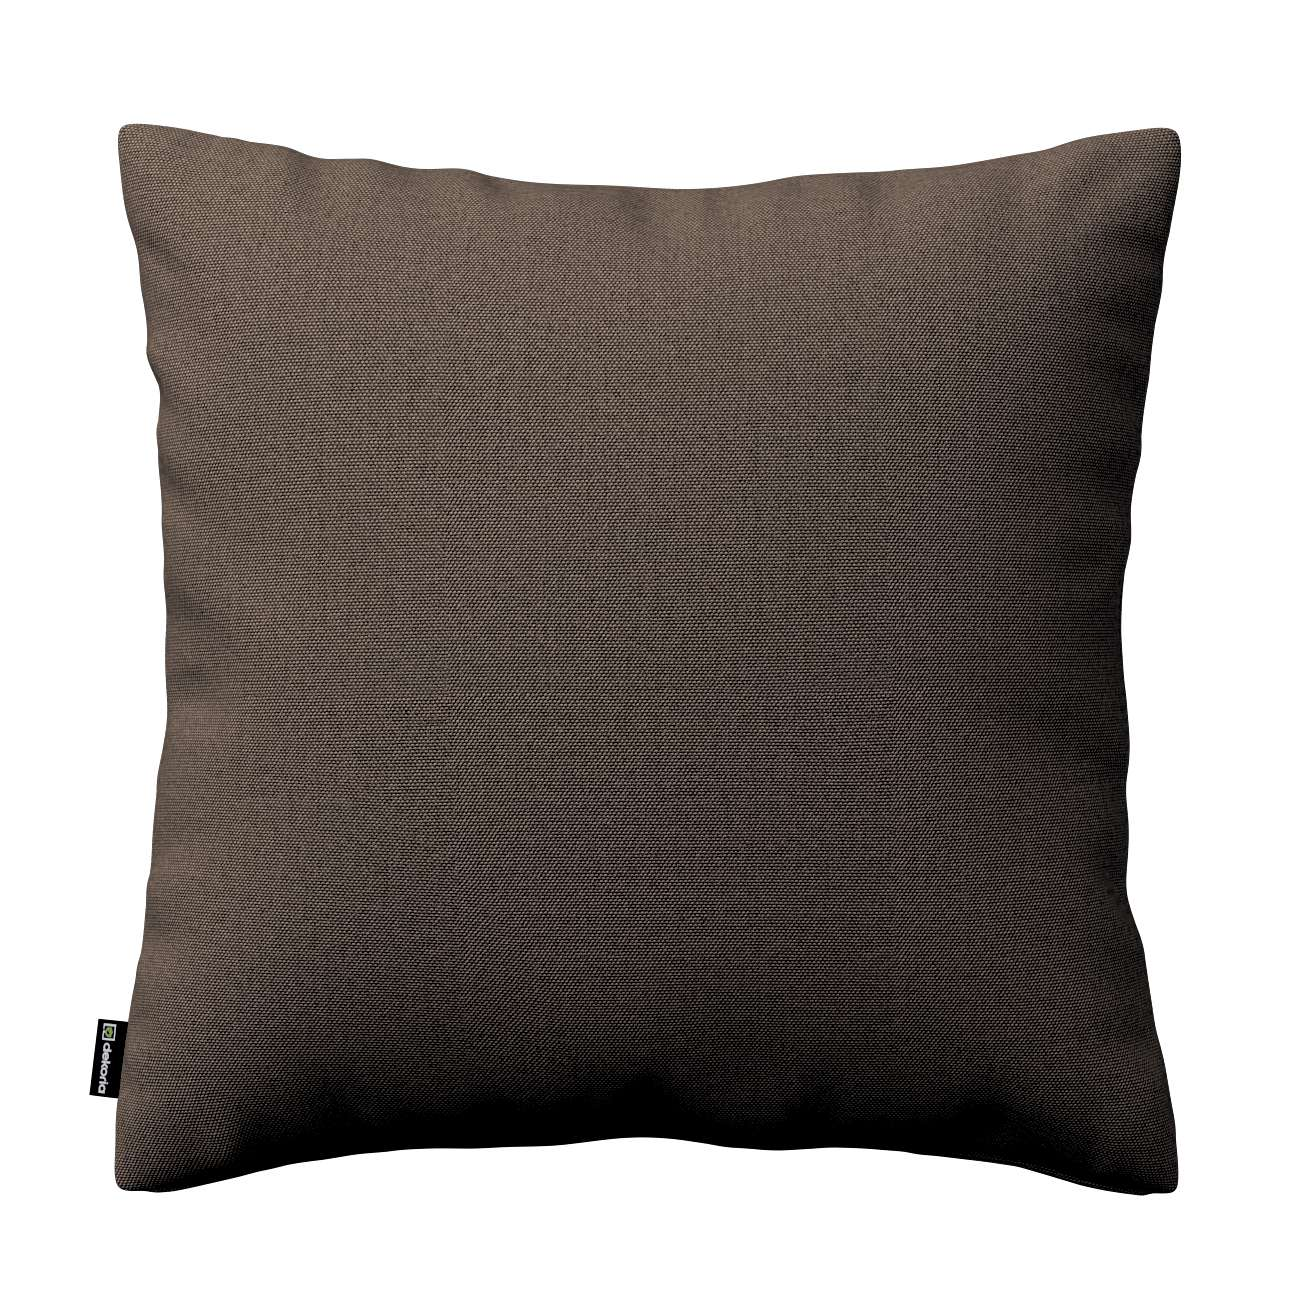 Poszewka Kinga na poduszkę w kolekcji Etna, tkanina: 705-08